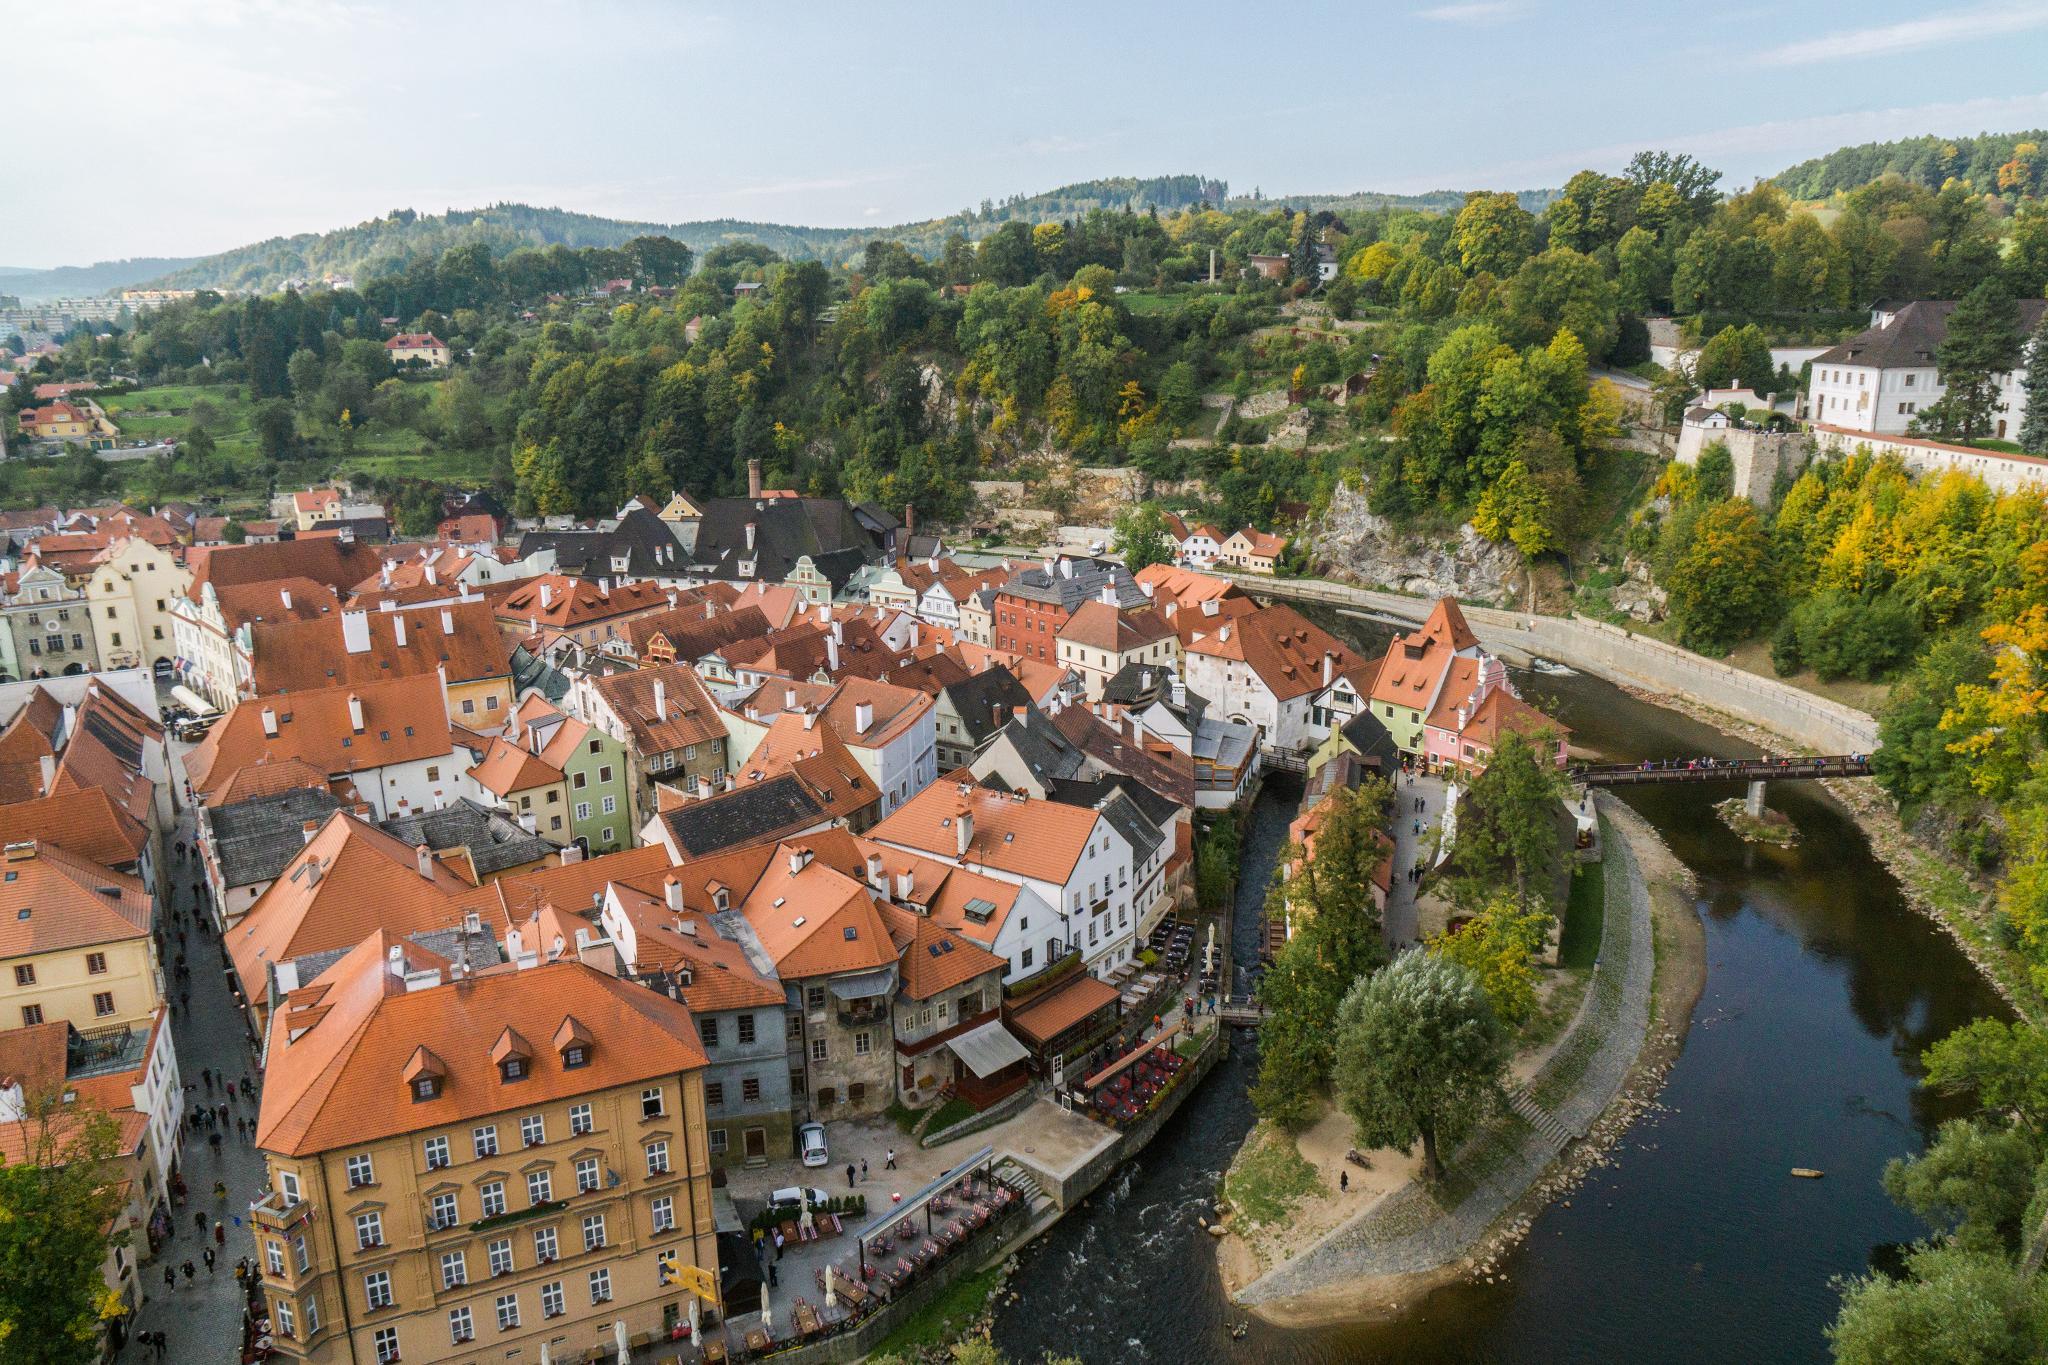 【捷克】穿越時空的波希米亞狂想曲 — Český Krumlov Castle 庫倫諾夫城堡 14